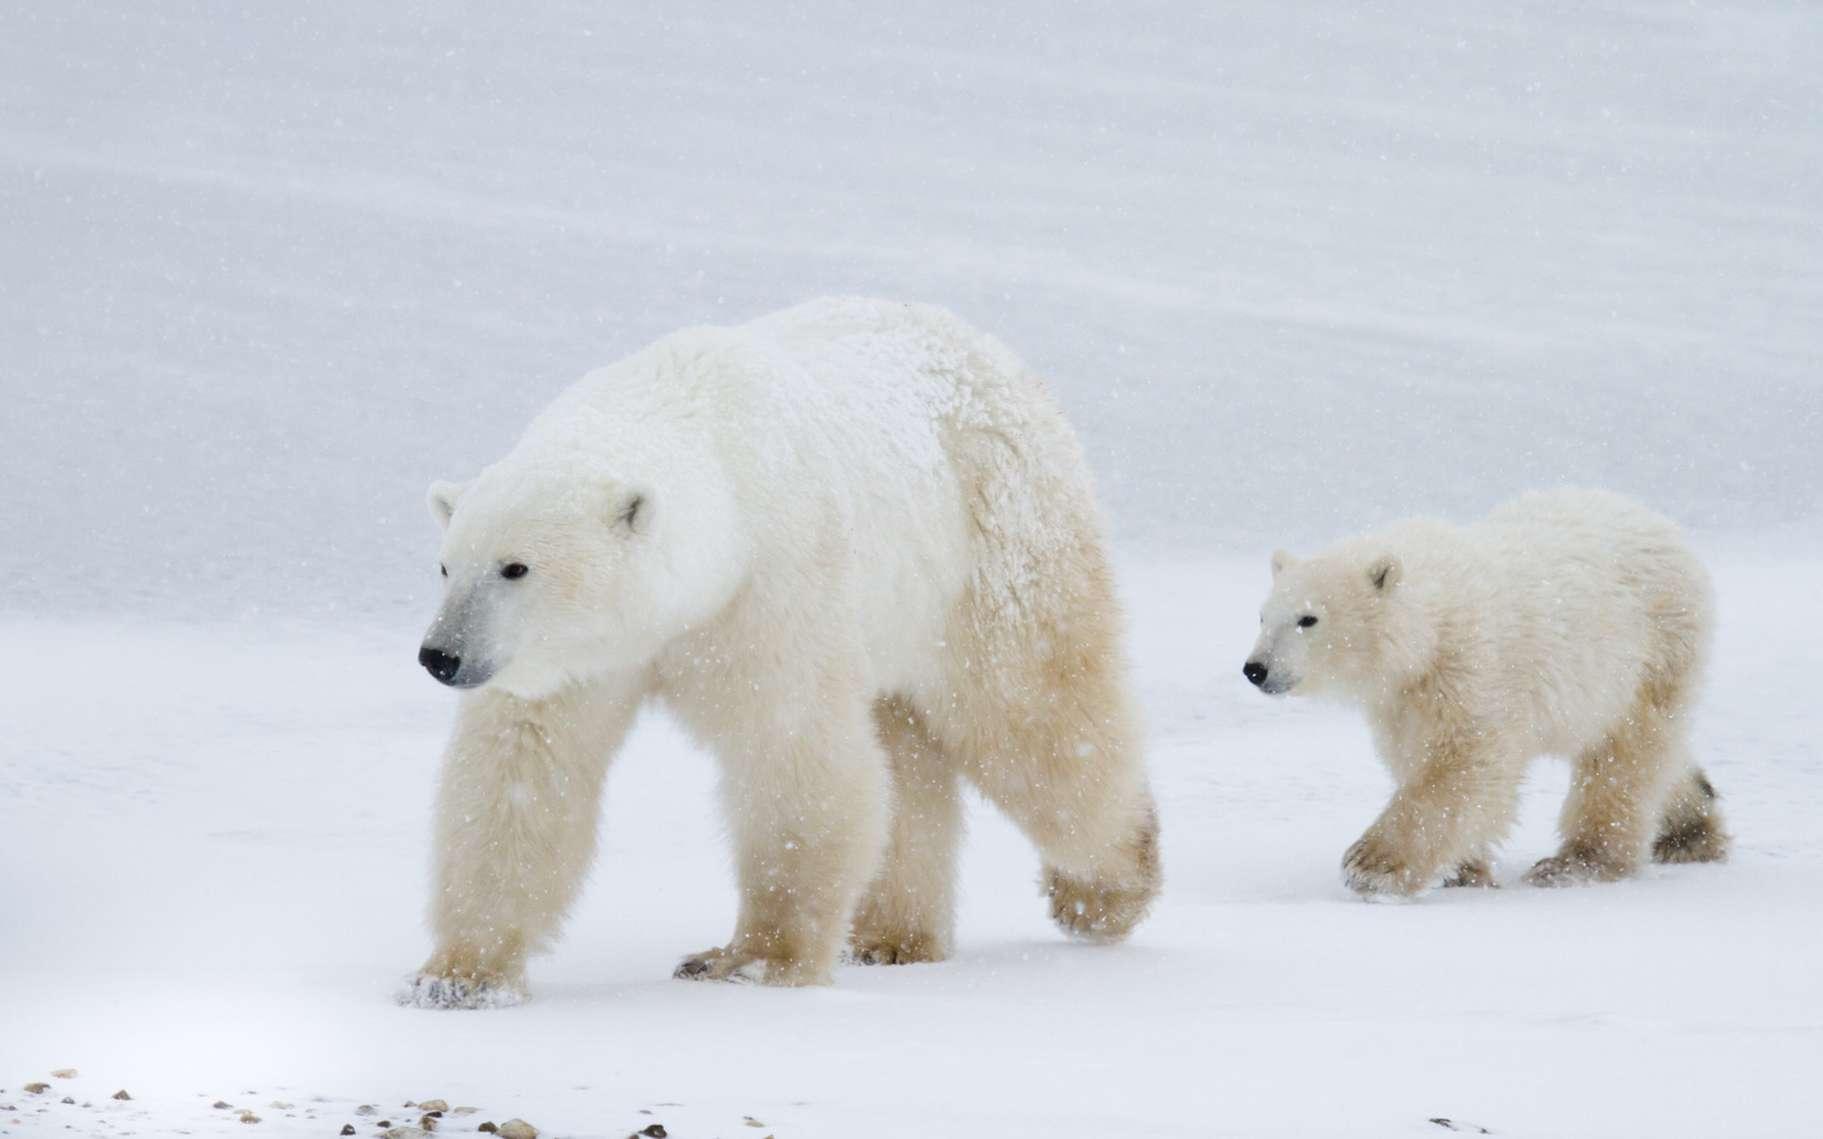 L'ours polaire est l'un des symboles de l'Arctique. Il est absent de l'Antarctique. © sbthegreenman, fotolia